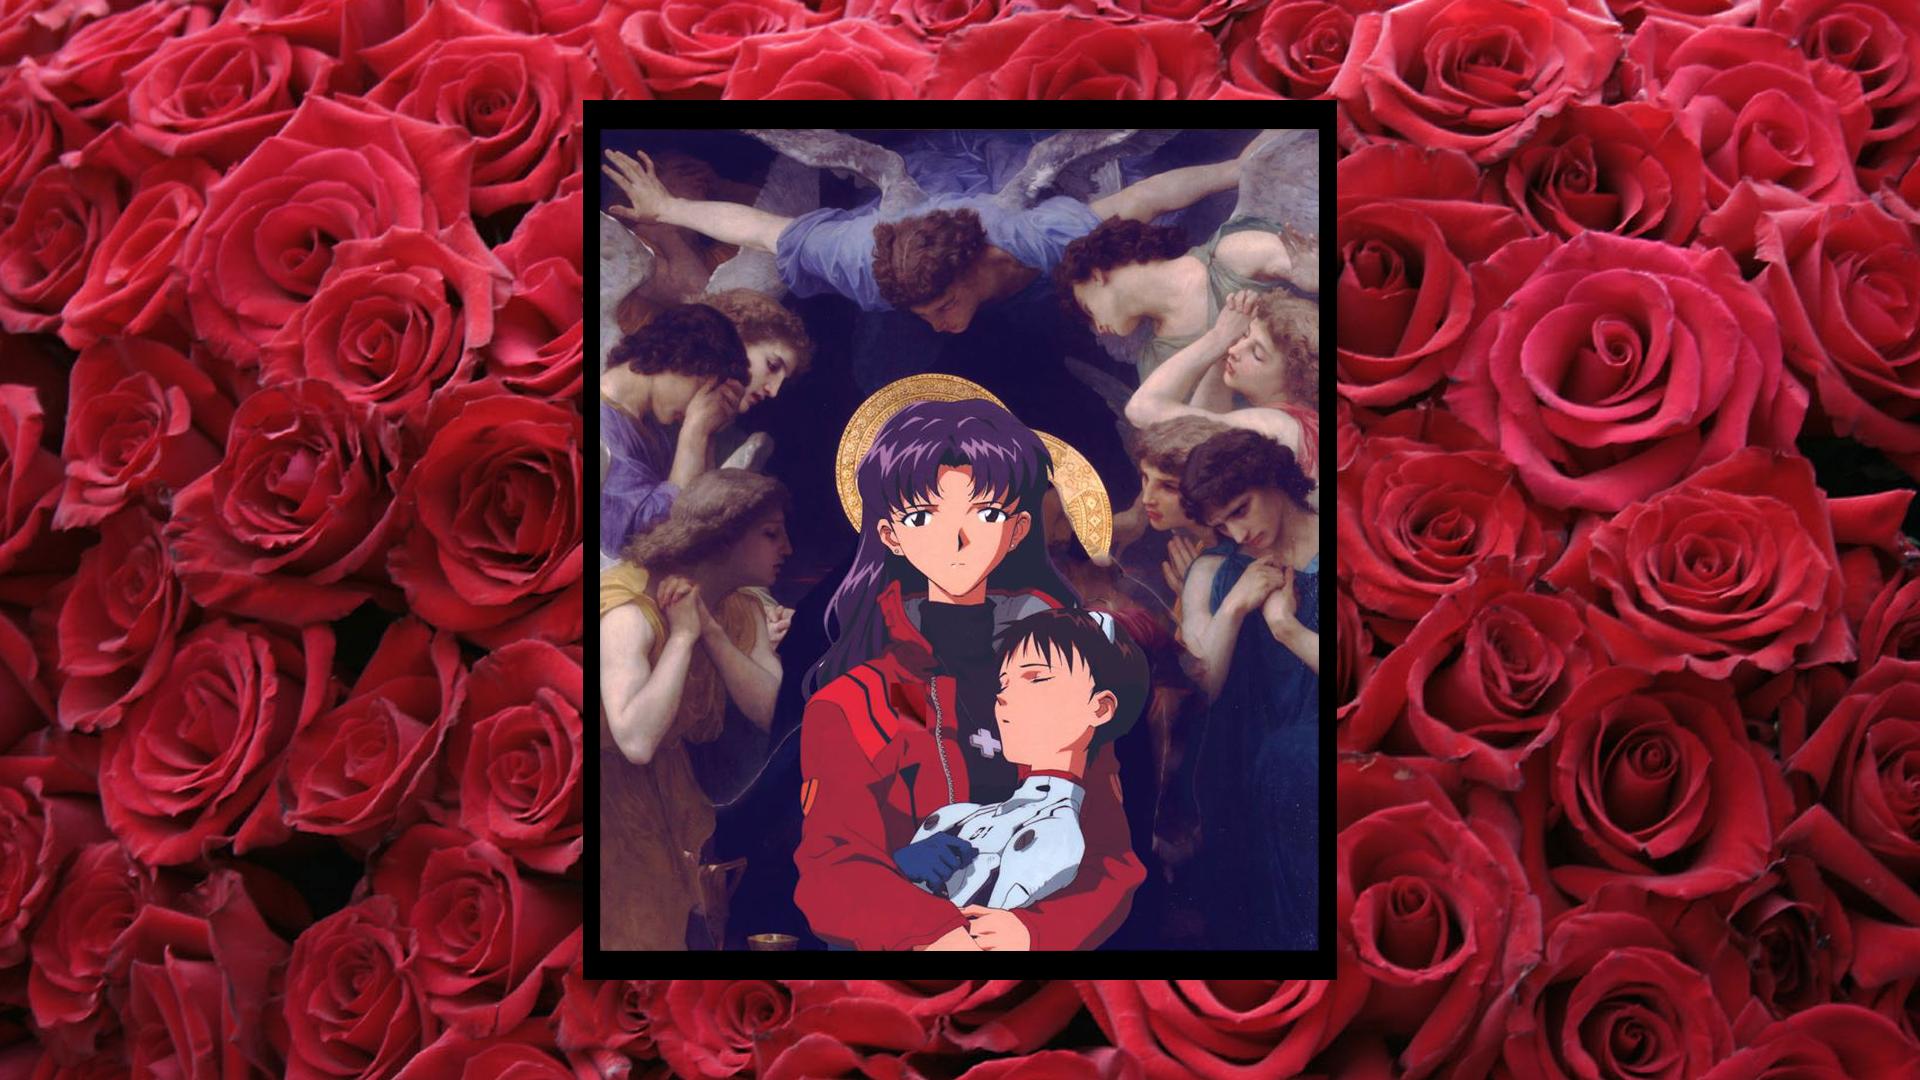 Neon Genesis Evangelion [Shinji and Misato] (1920x1080